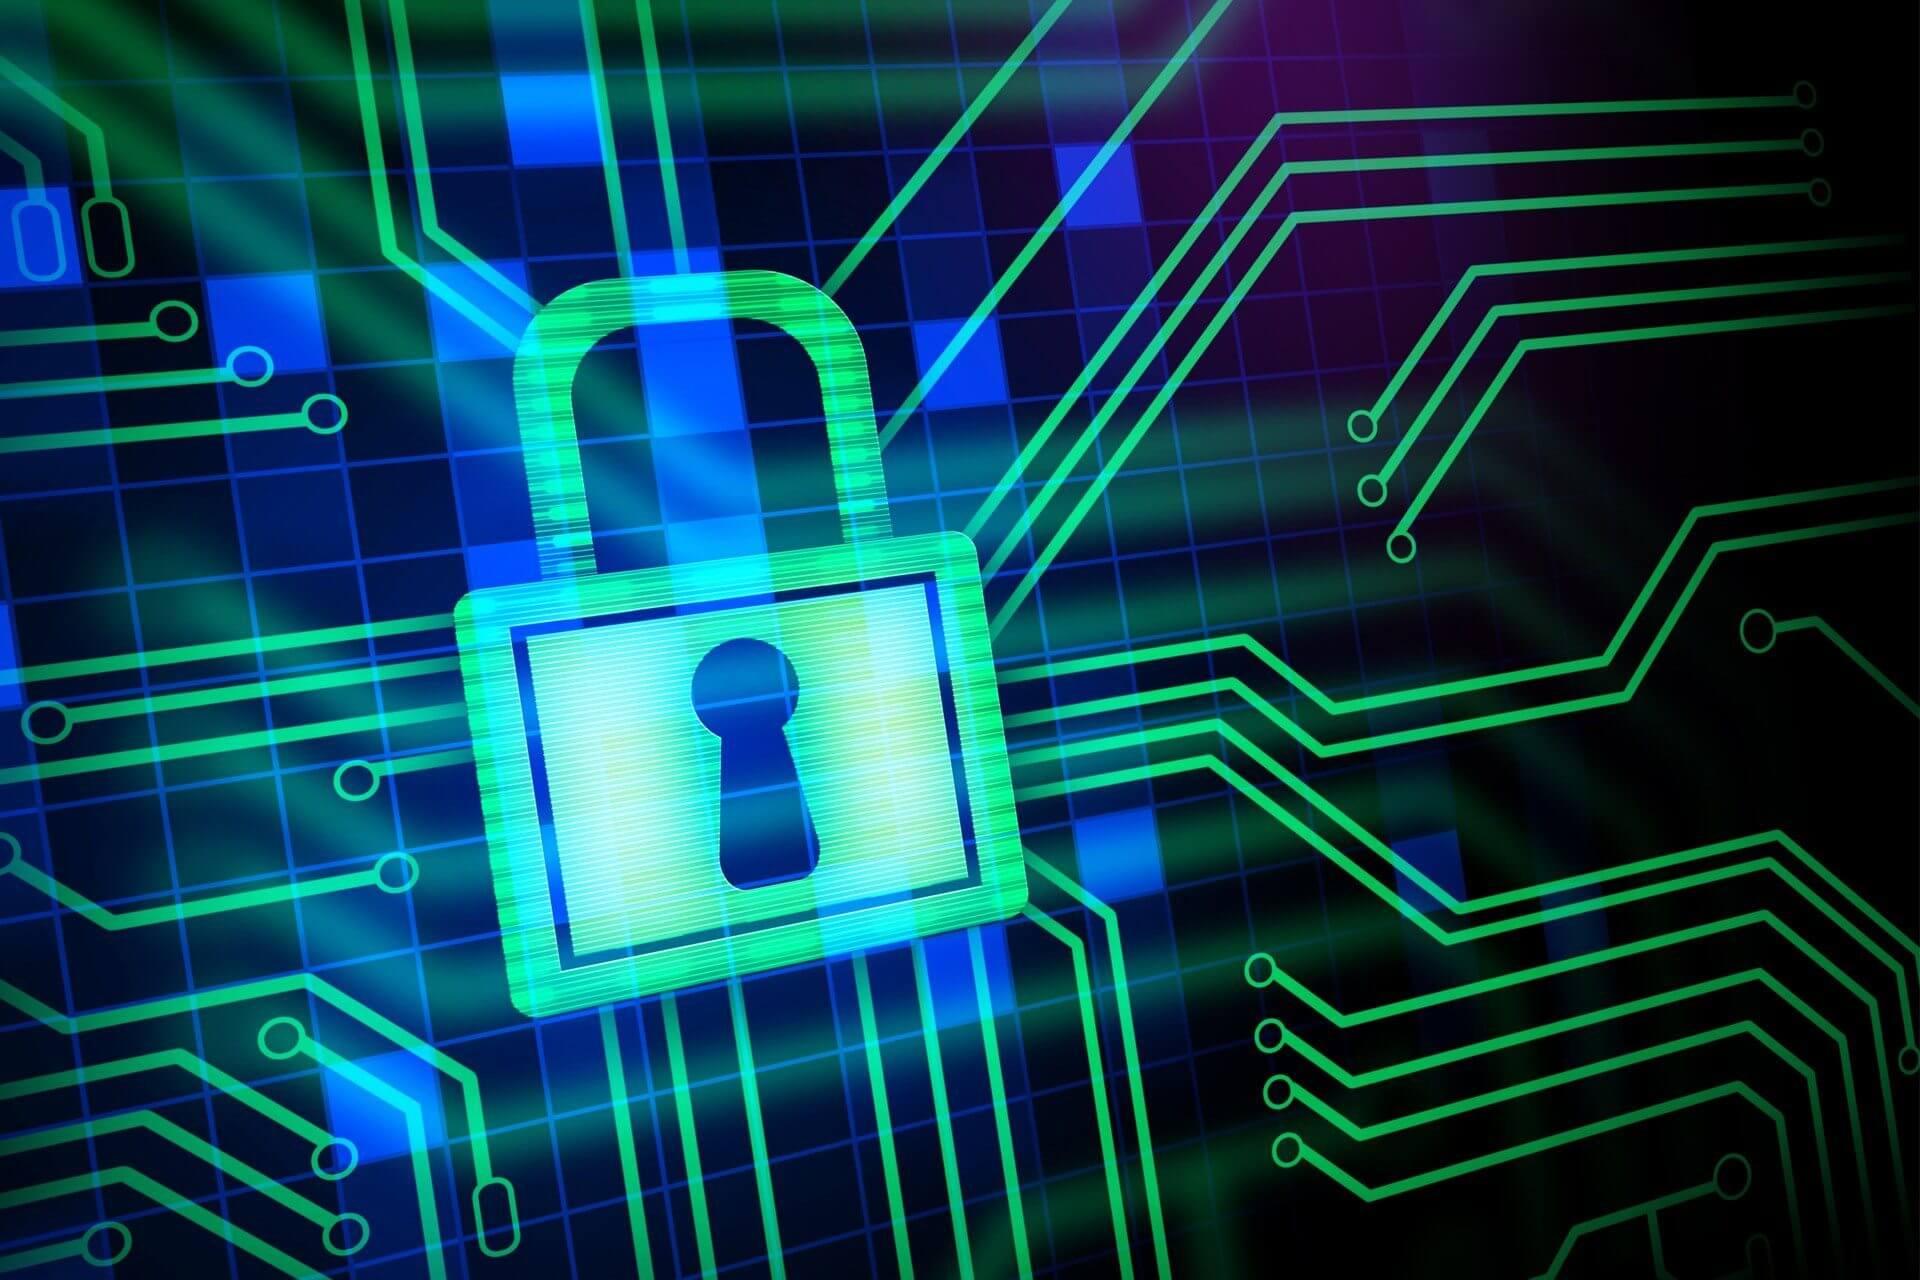 Encryption 1